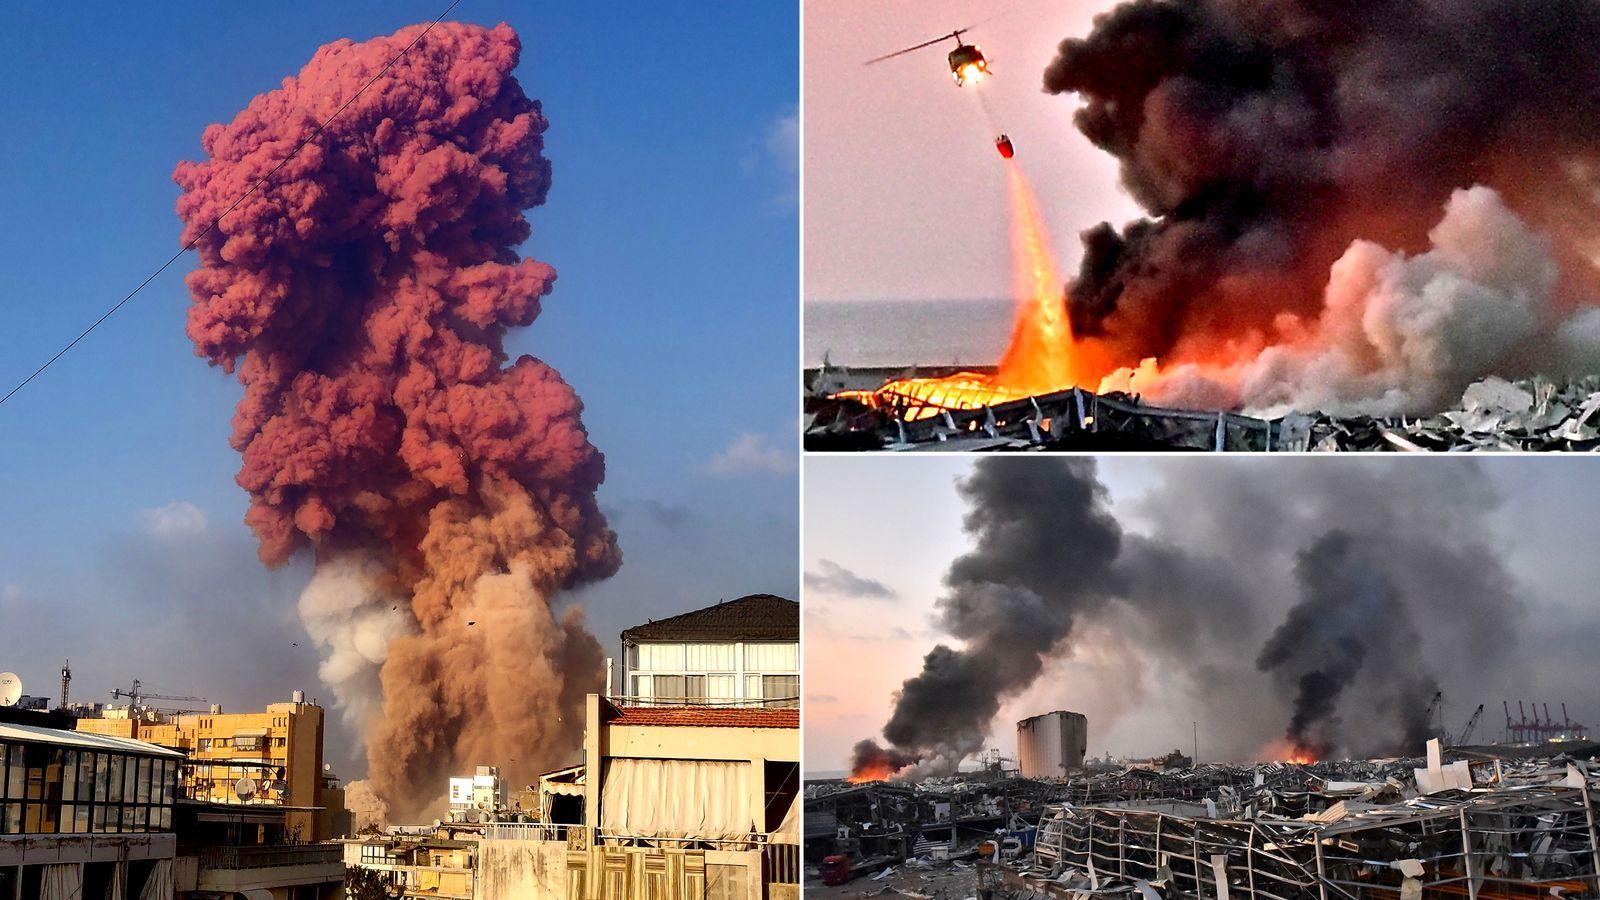 《【摩登2网上平台】贝鲁特爆炸事件余波:黎巴嫩政府已辞职,意大利爆破专家称起因不是硝酸铵,或是军用导弹》